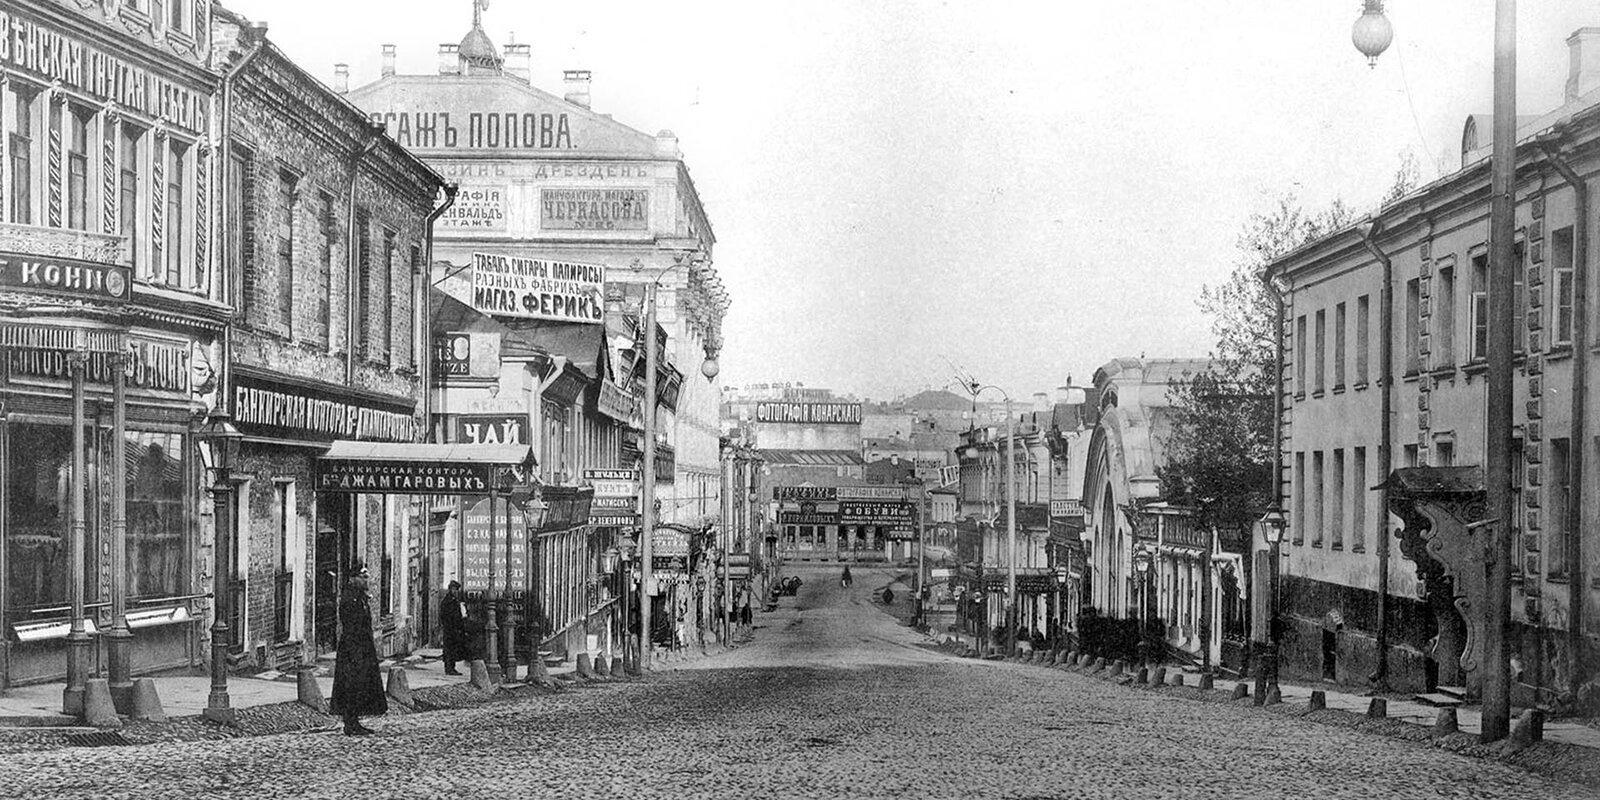 Улица Кузнецкий мост. 1888 год. Главархив Москвы